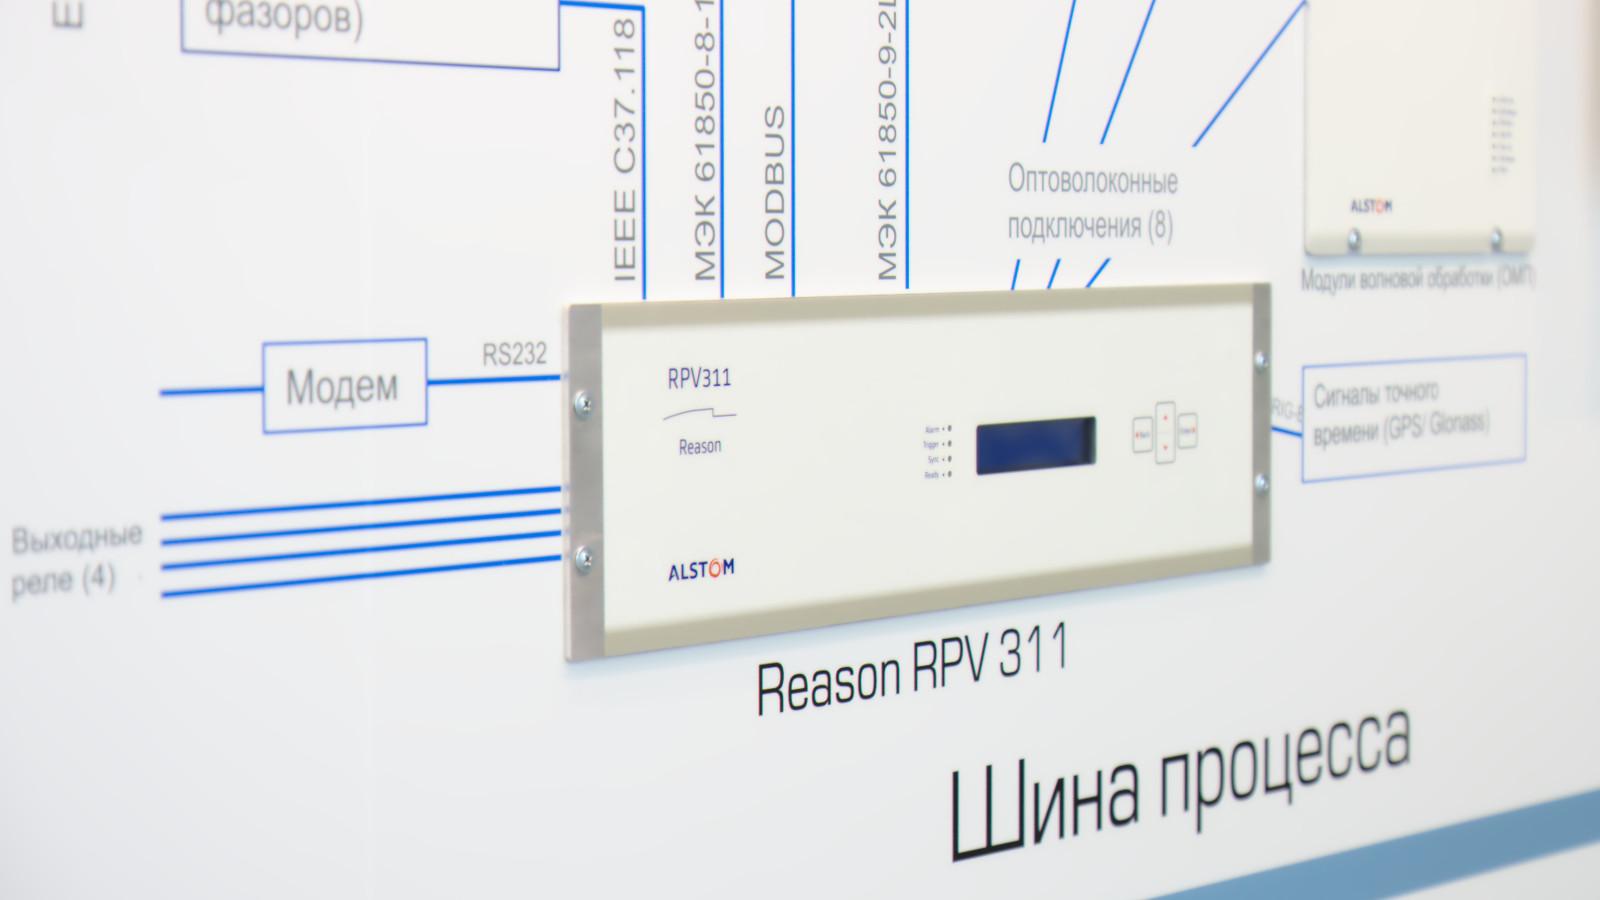 Релейная защита и автоматизация // © Алексей Аношин | Цифровая подстанция | digitalsubstation.ru